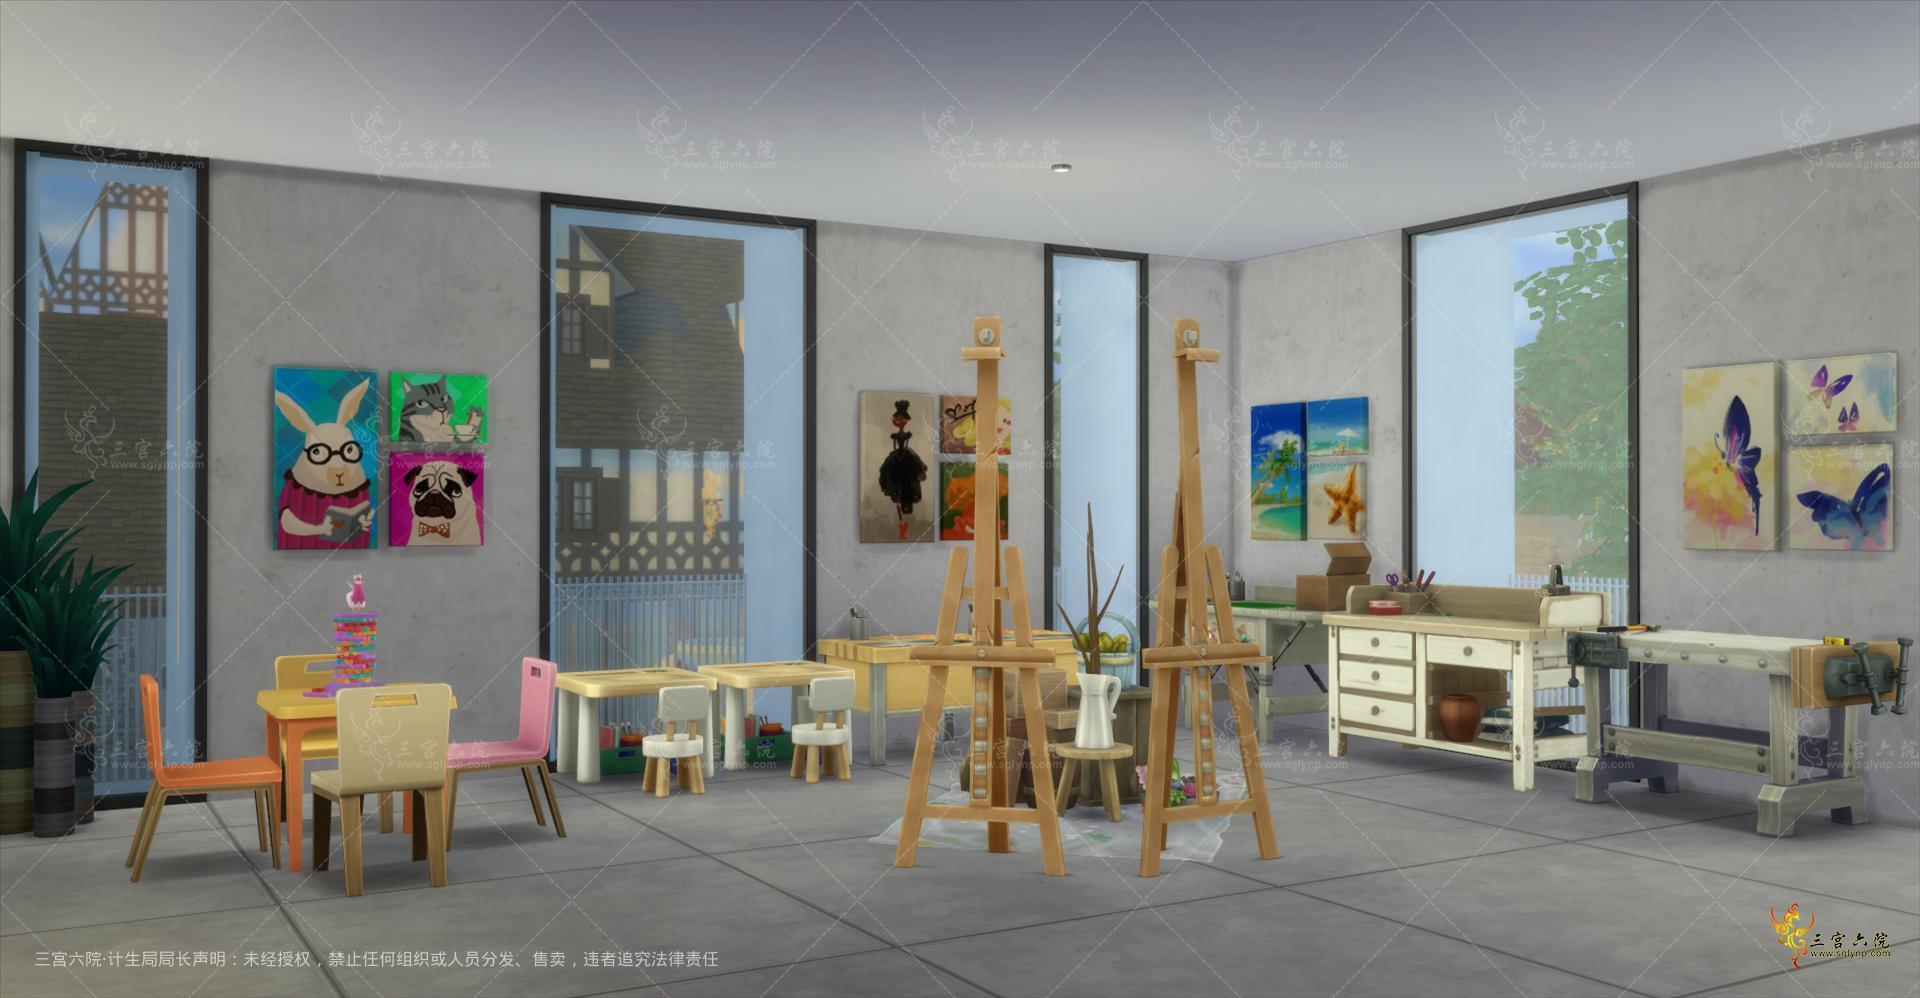 Sims 4 Screenshot 2021.09.19 - 14.59.46.97.png